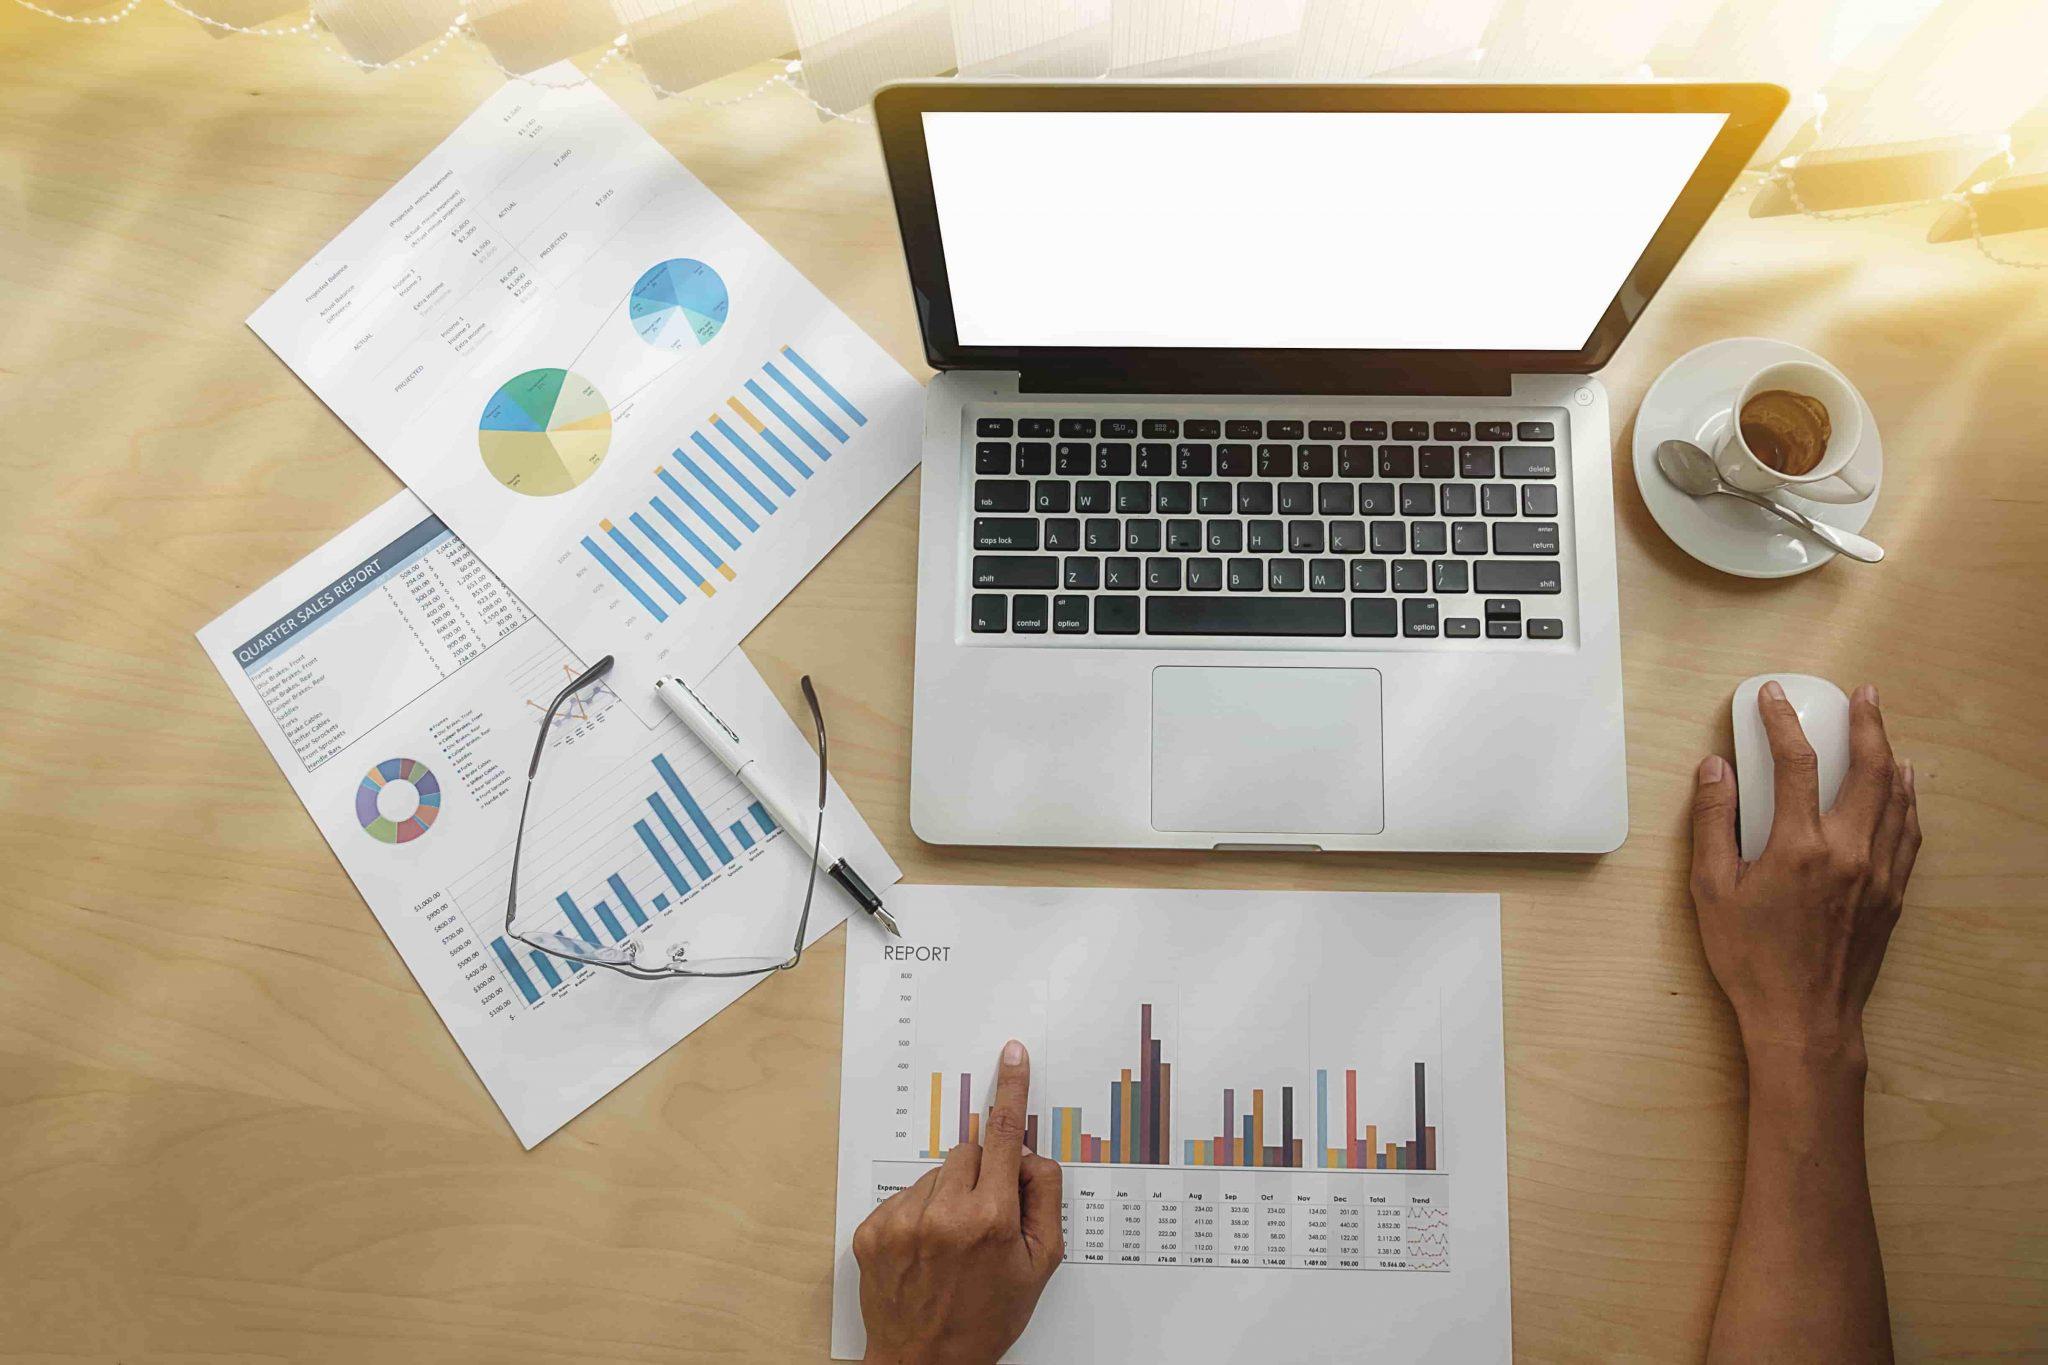 How to make explaining data easy